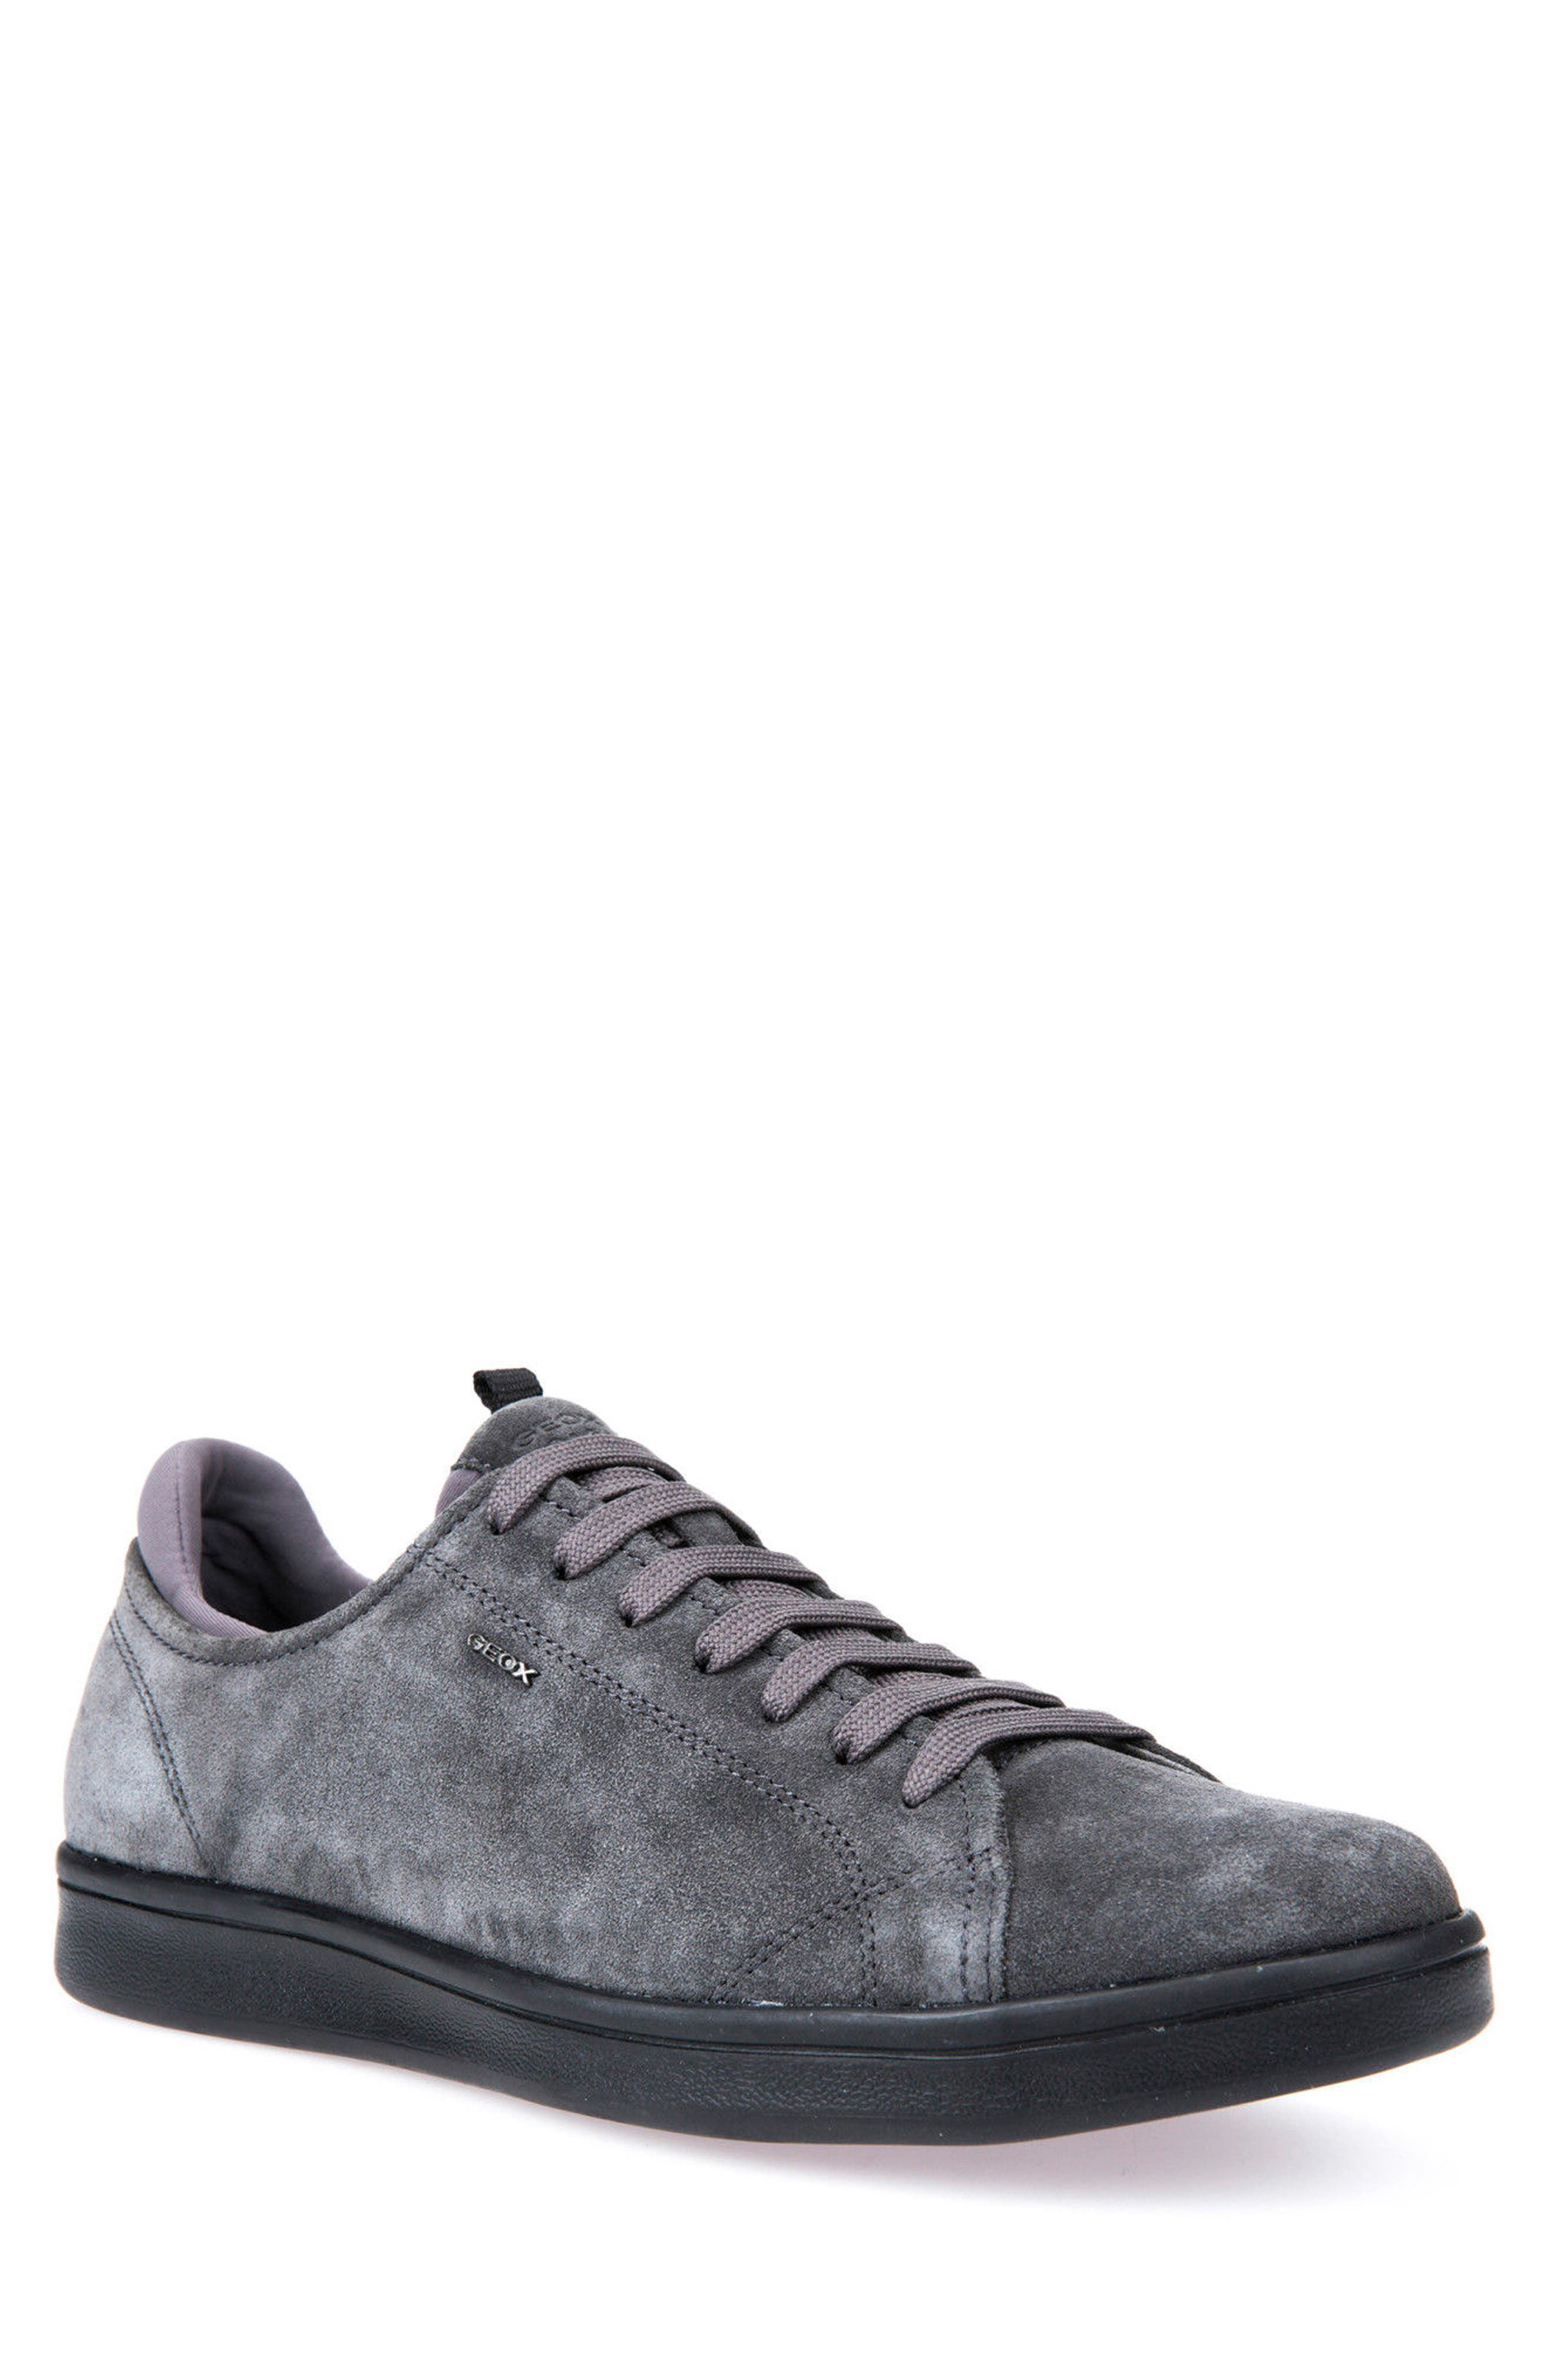 Geox Warrens 8 Low-Top Sneaker (Men)